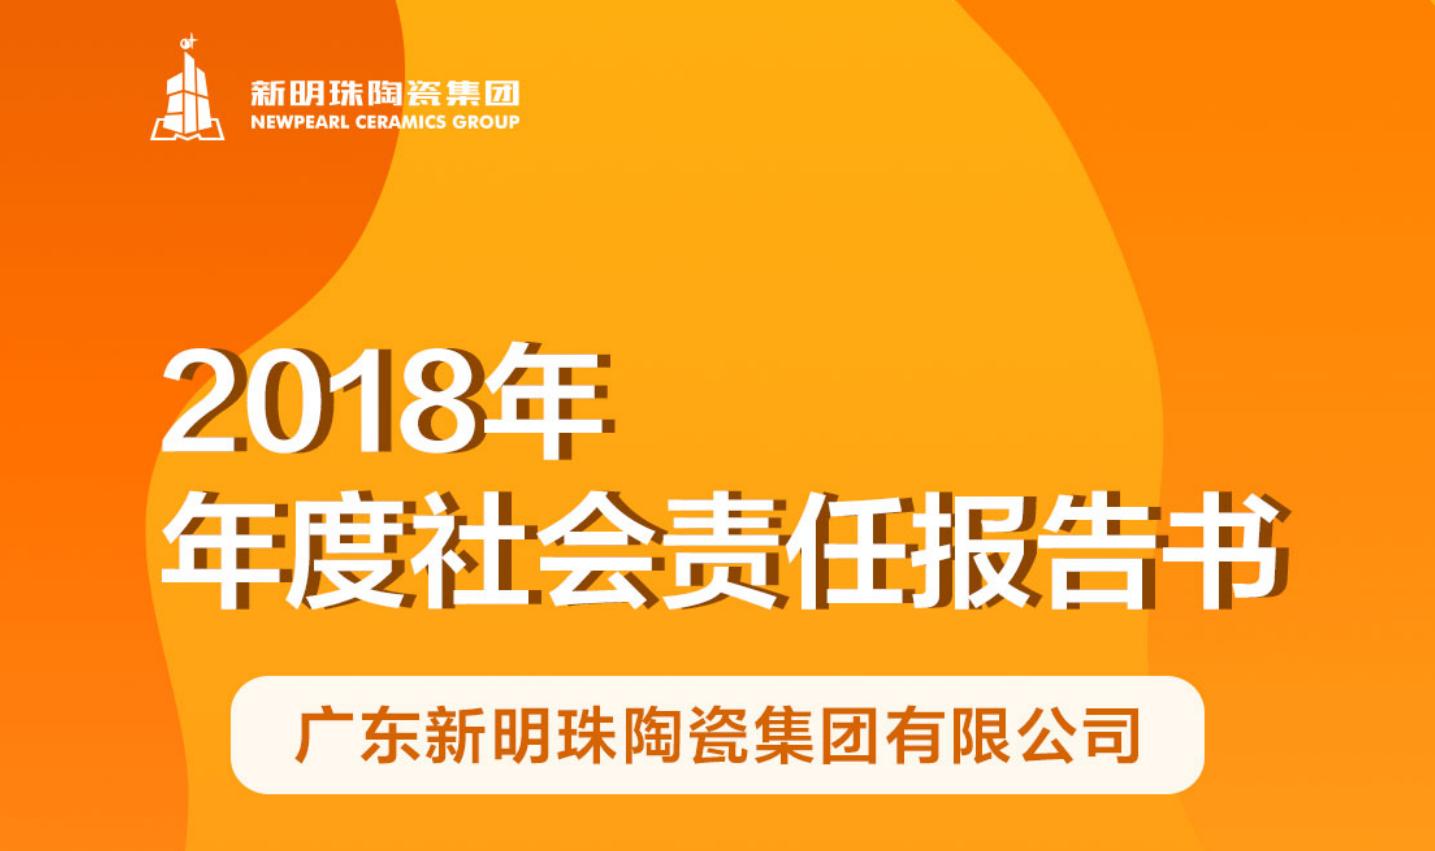 新万博下载万博体育app登陆万博博彩app最新版2018年度社会责任报告